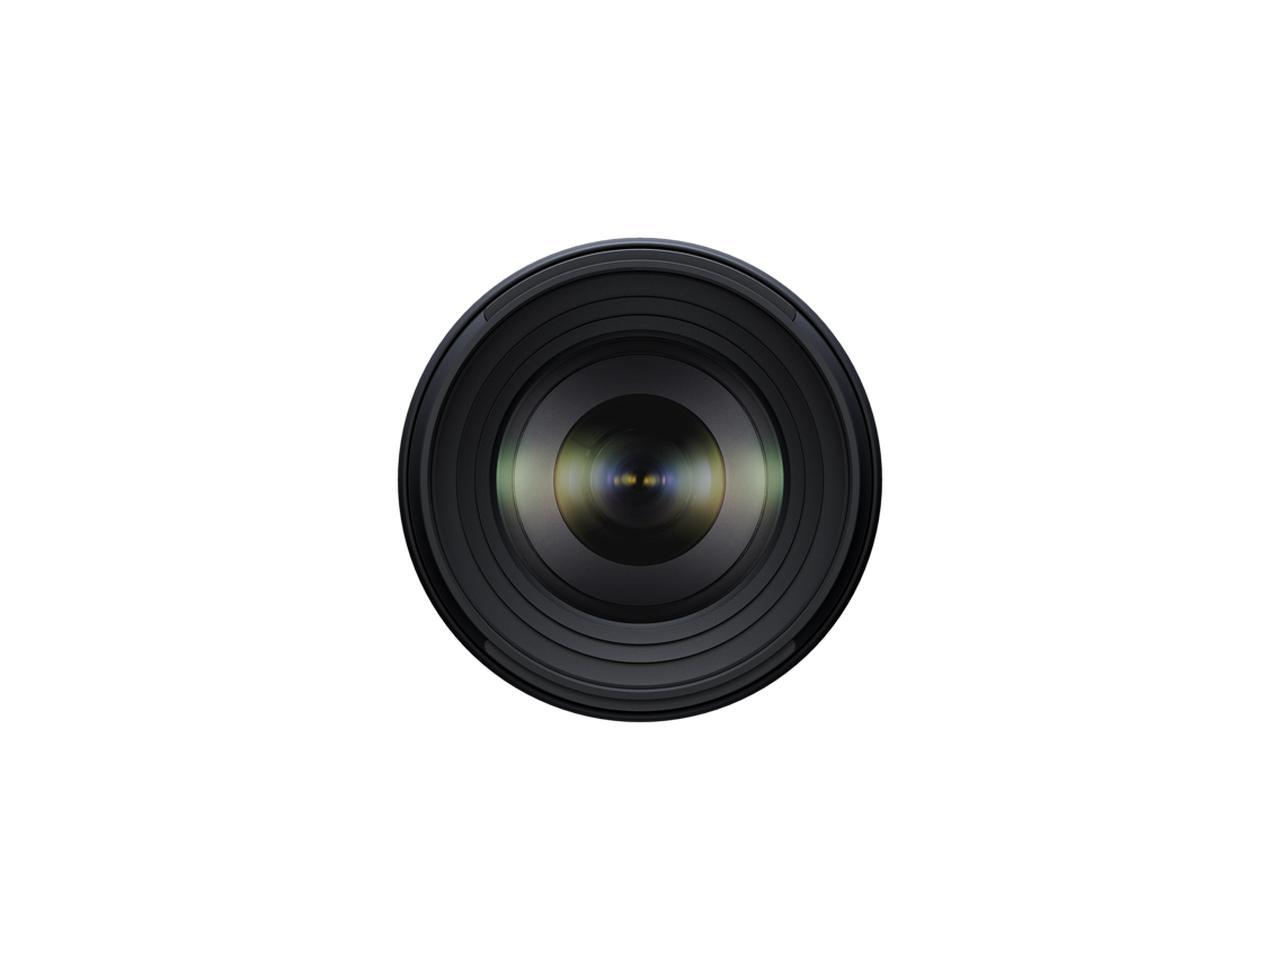 画像2: タムロンはソニーEマウント用望遠ズームレンズ 「70-300mm F/4.5-6.3 Di III RXD (Model A047)」を 2020年10月29日(木)に発売。希望小売価格は税別7万円。